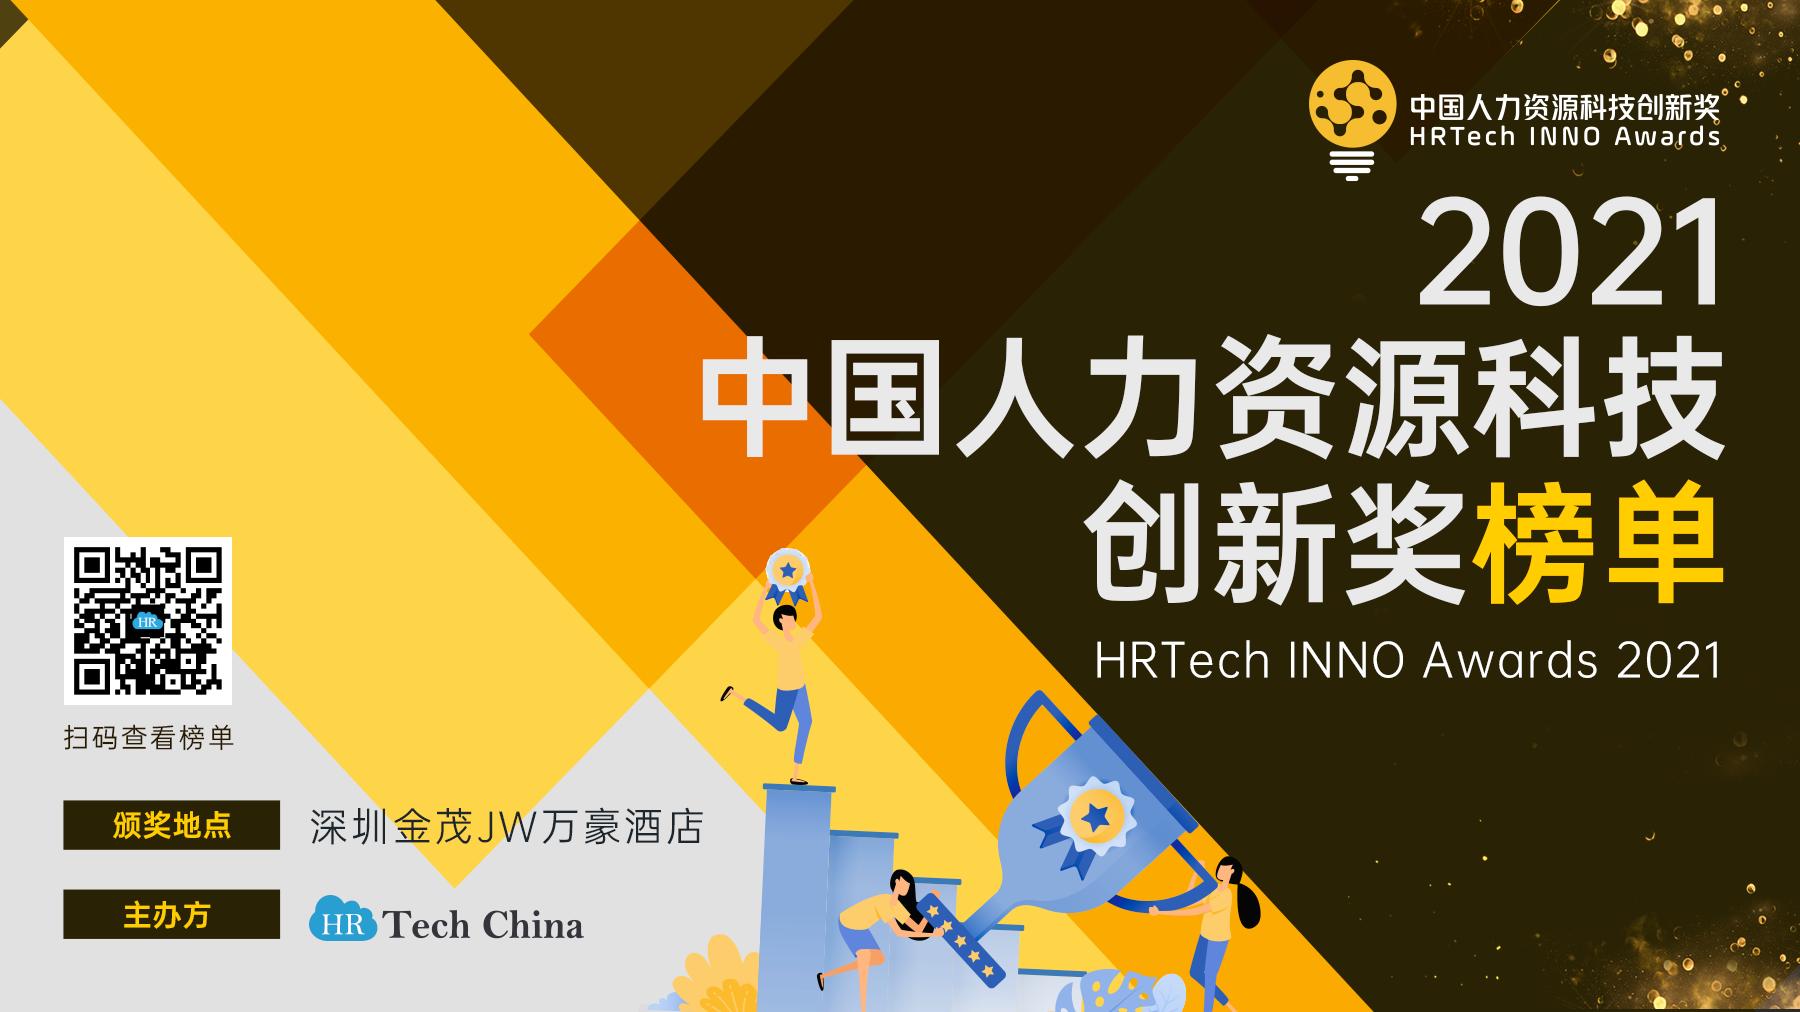 【祝贺】2021中国人力资源科技创新奖揭晓,祝贺获奖企业、团队和创新产品